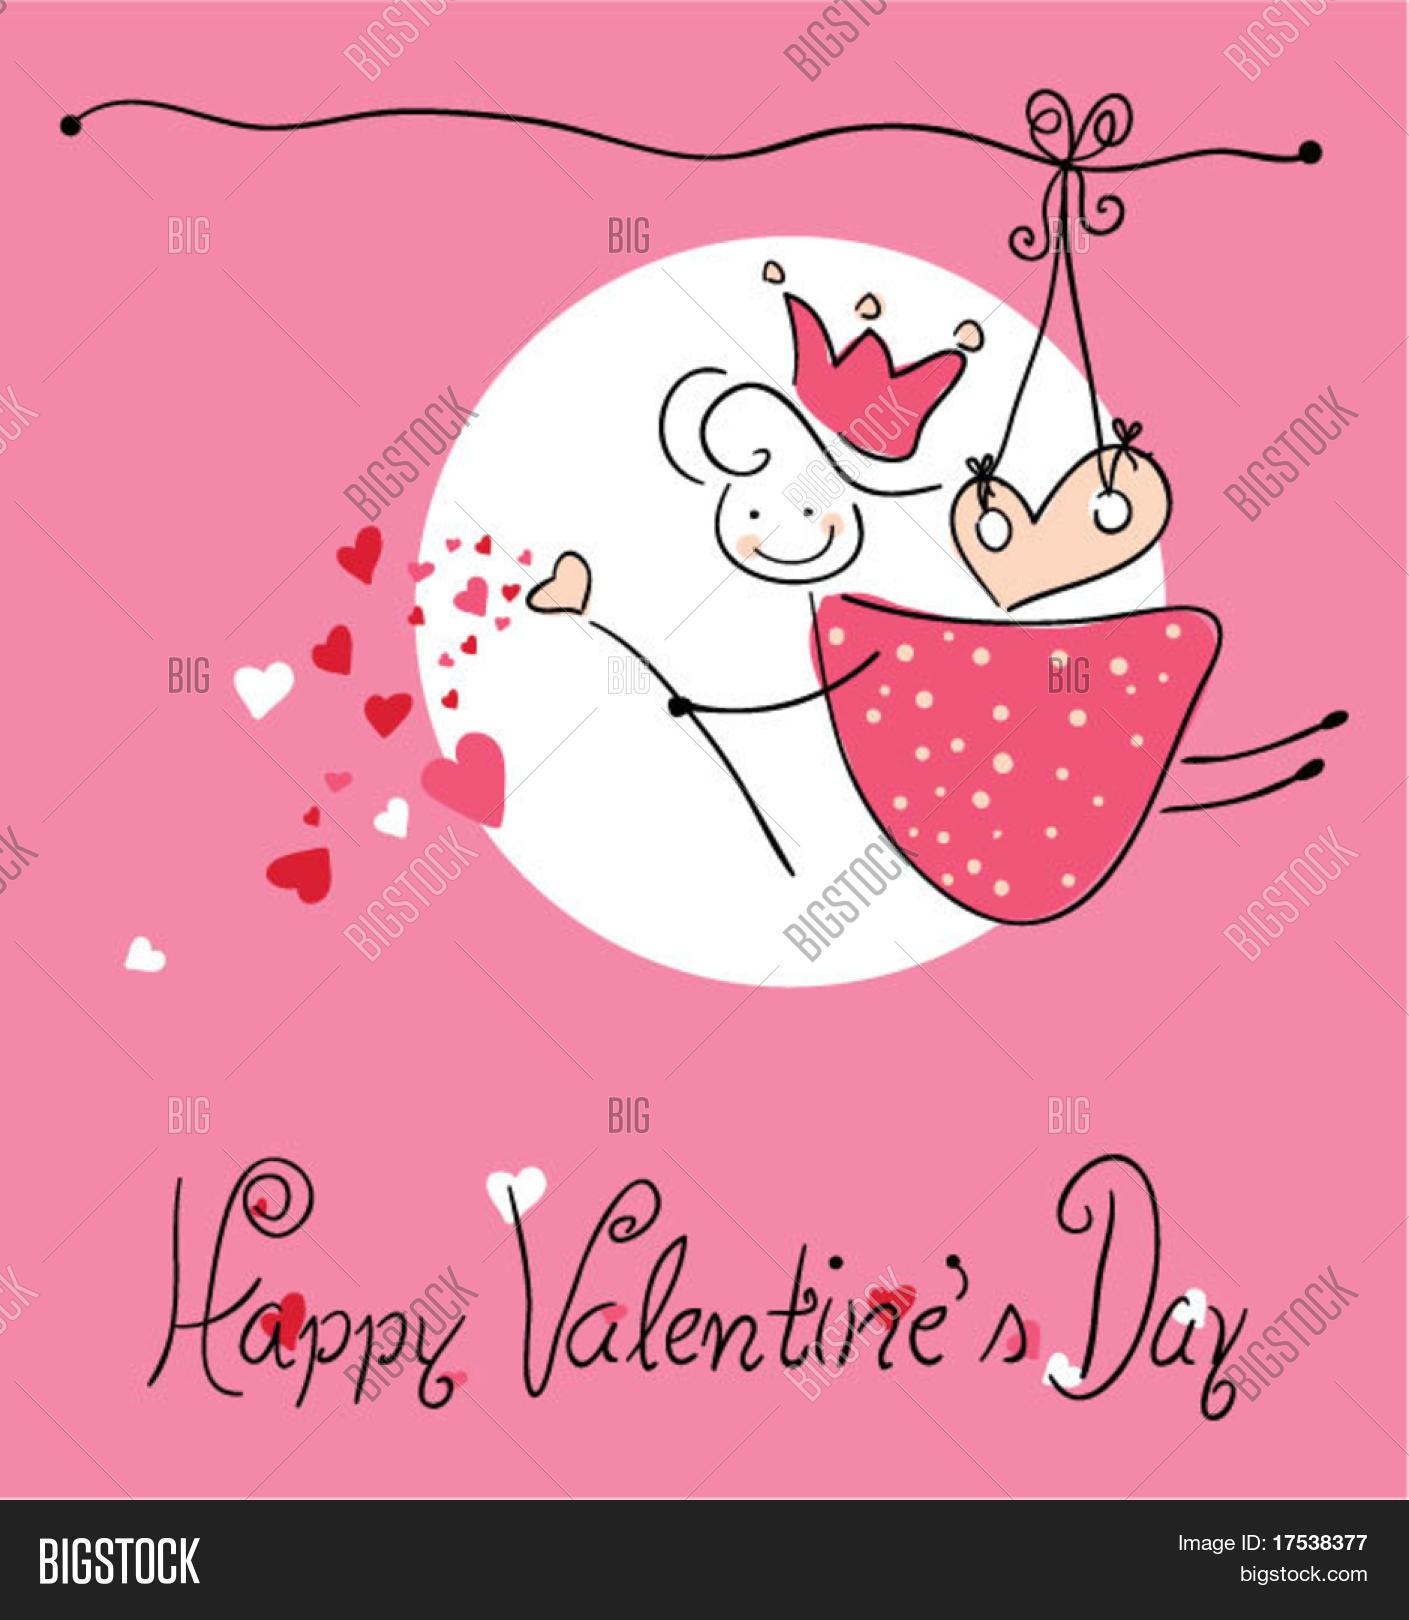 Поздравления в днем влюбленных пусть